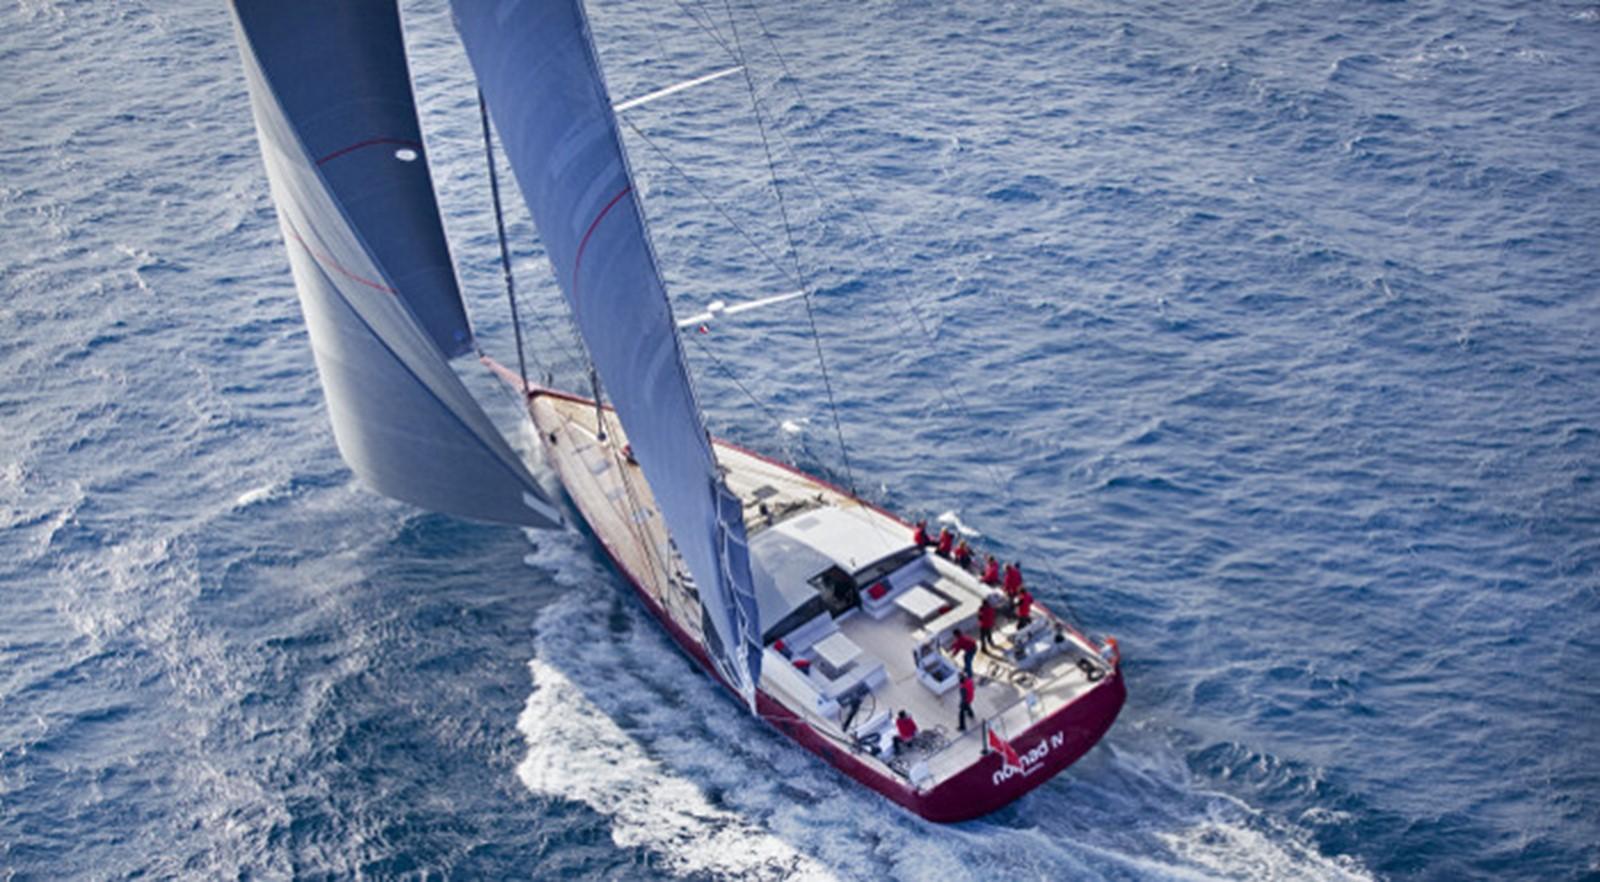 2013 MAXI DOLPHIN SRL Maxi 100 cruiser-racer Cruising Sailboat 2463056